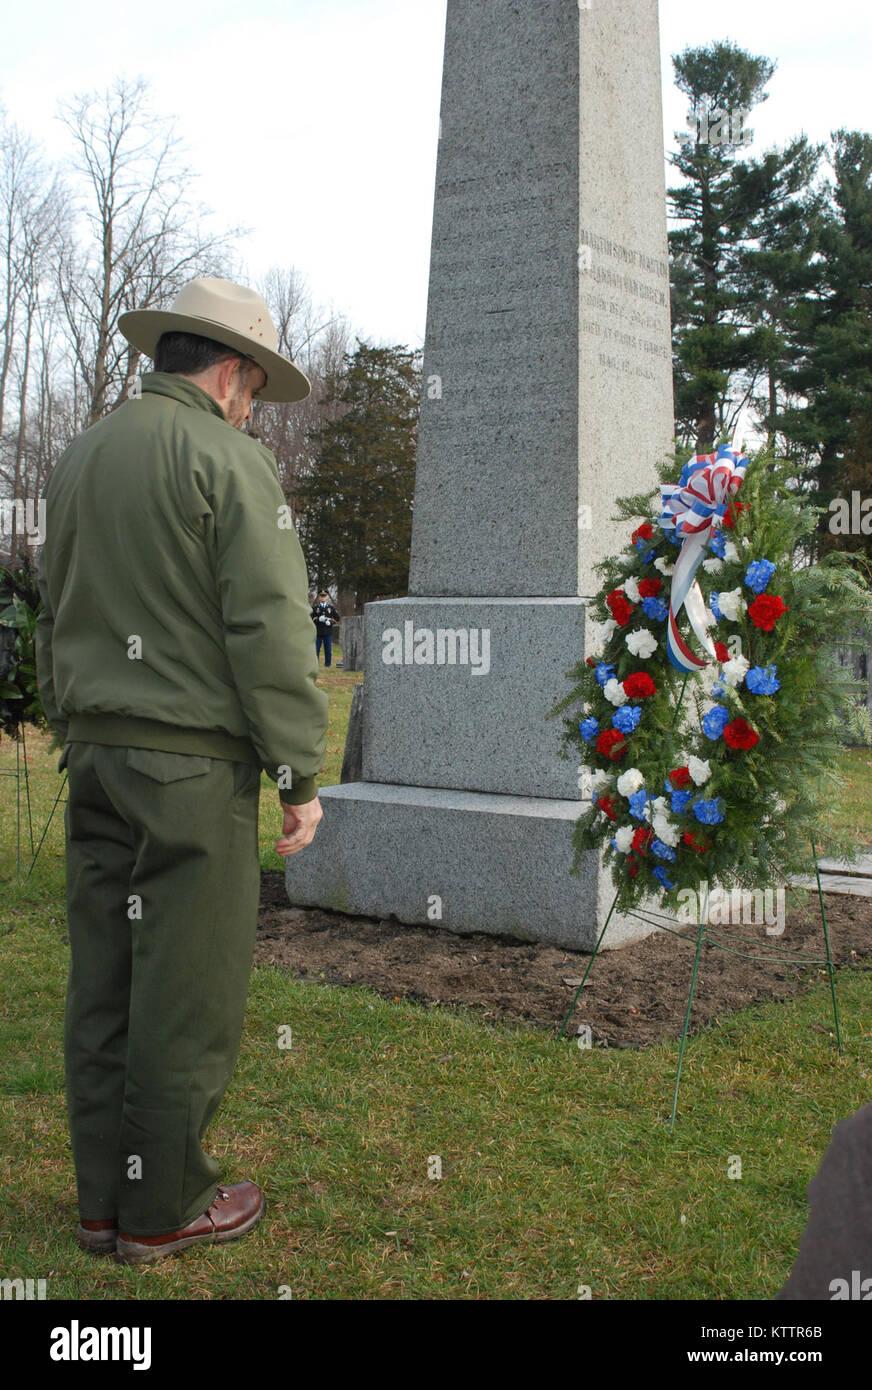 KINDERHIOOK, NEW YORK - eine National Park Service Ranger würdigt am Grab von Präsident Martin Van Buren Stockbild